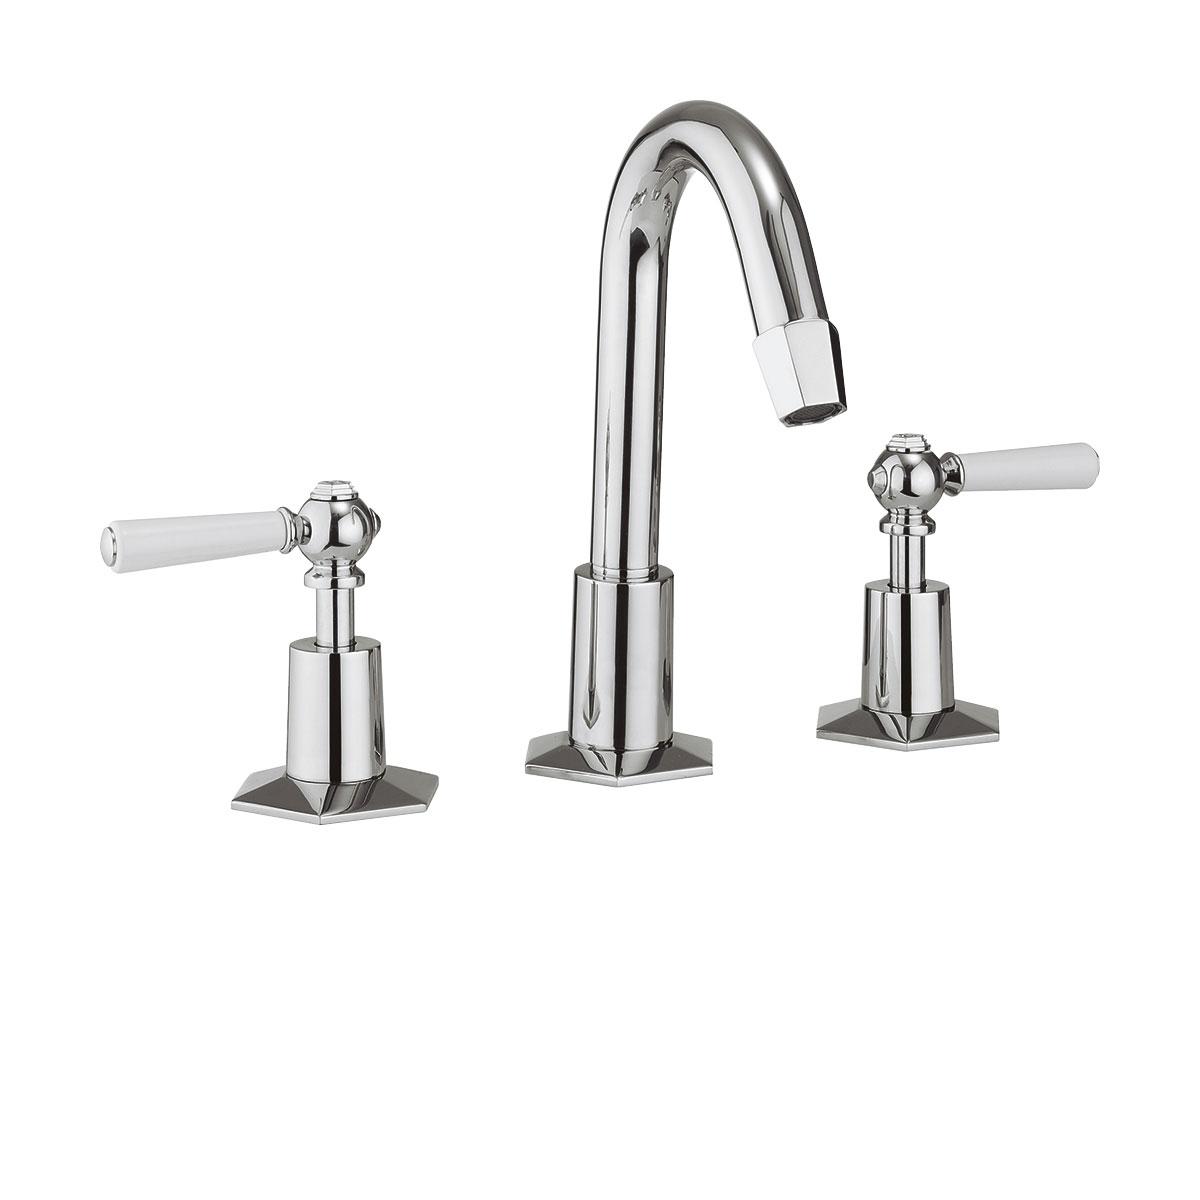 WF135DPC_LV waldorf lever basin mixer